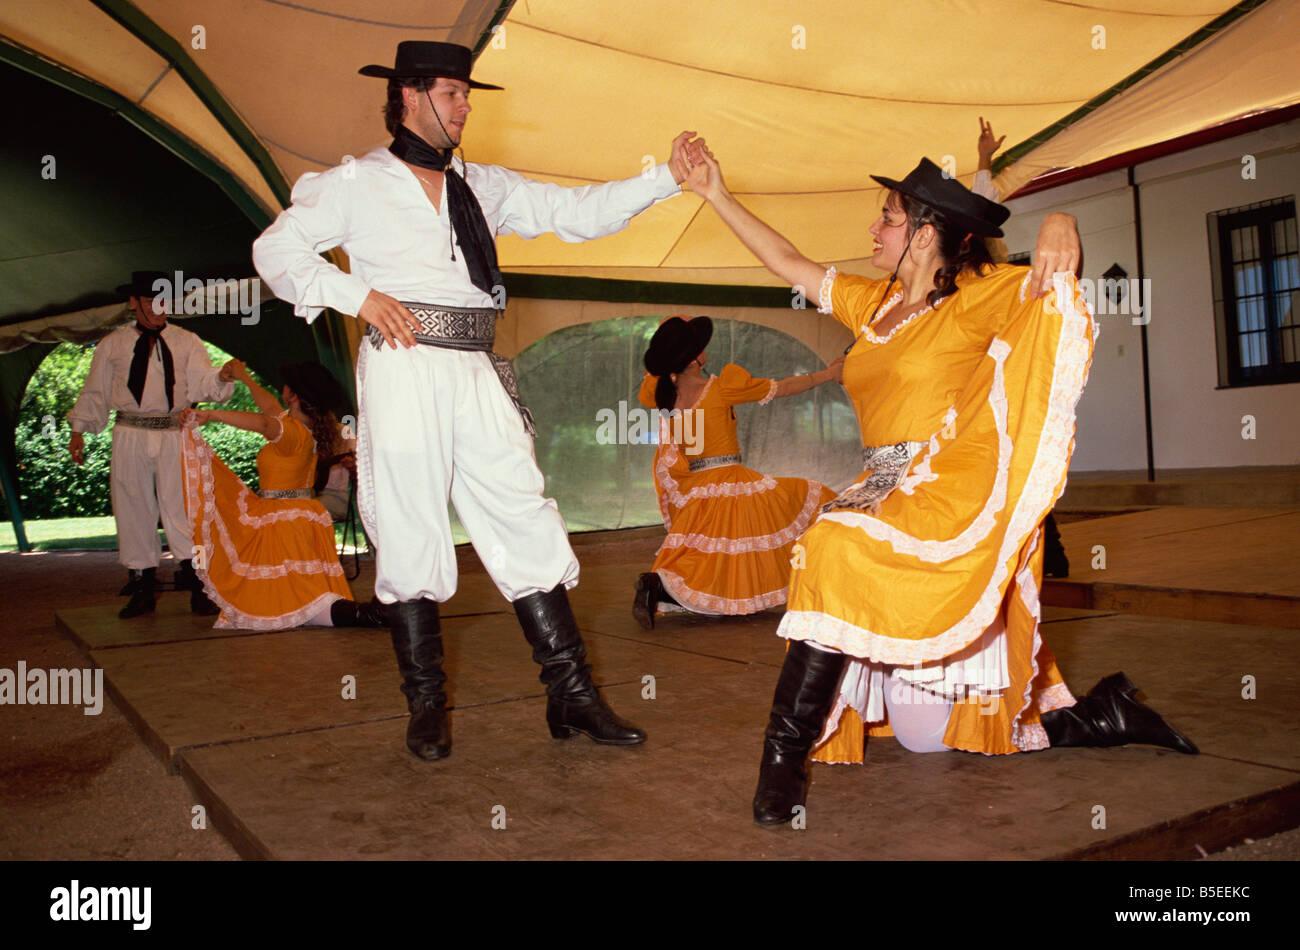 Danza tradicional fiesta Gauchos Montevideo Uruguay Sudamérica Imagen De Stock